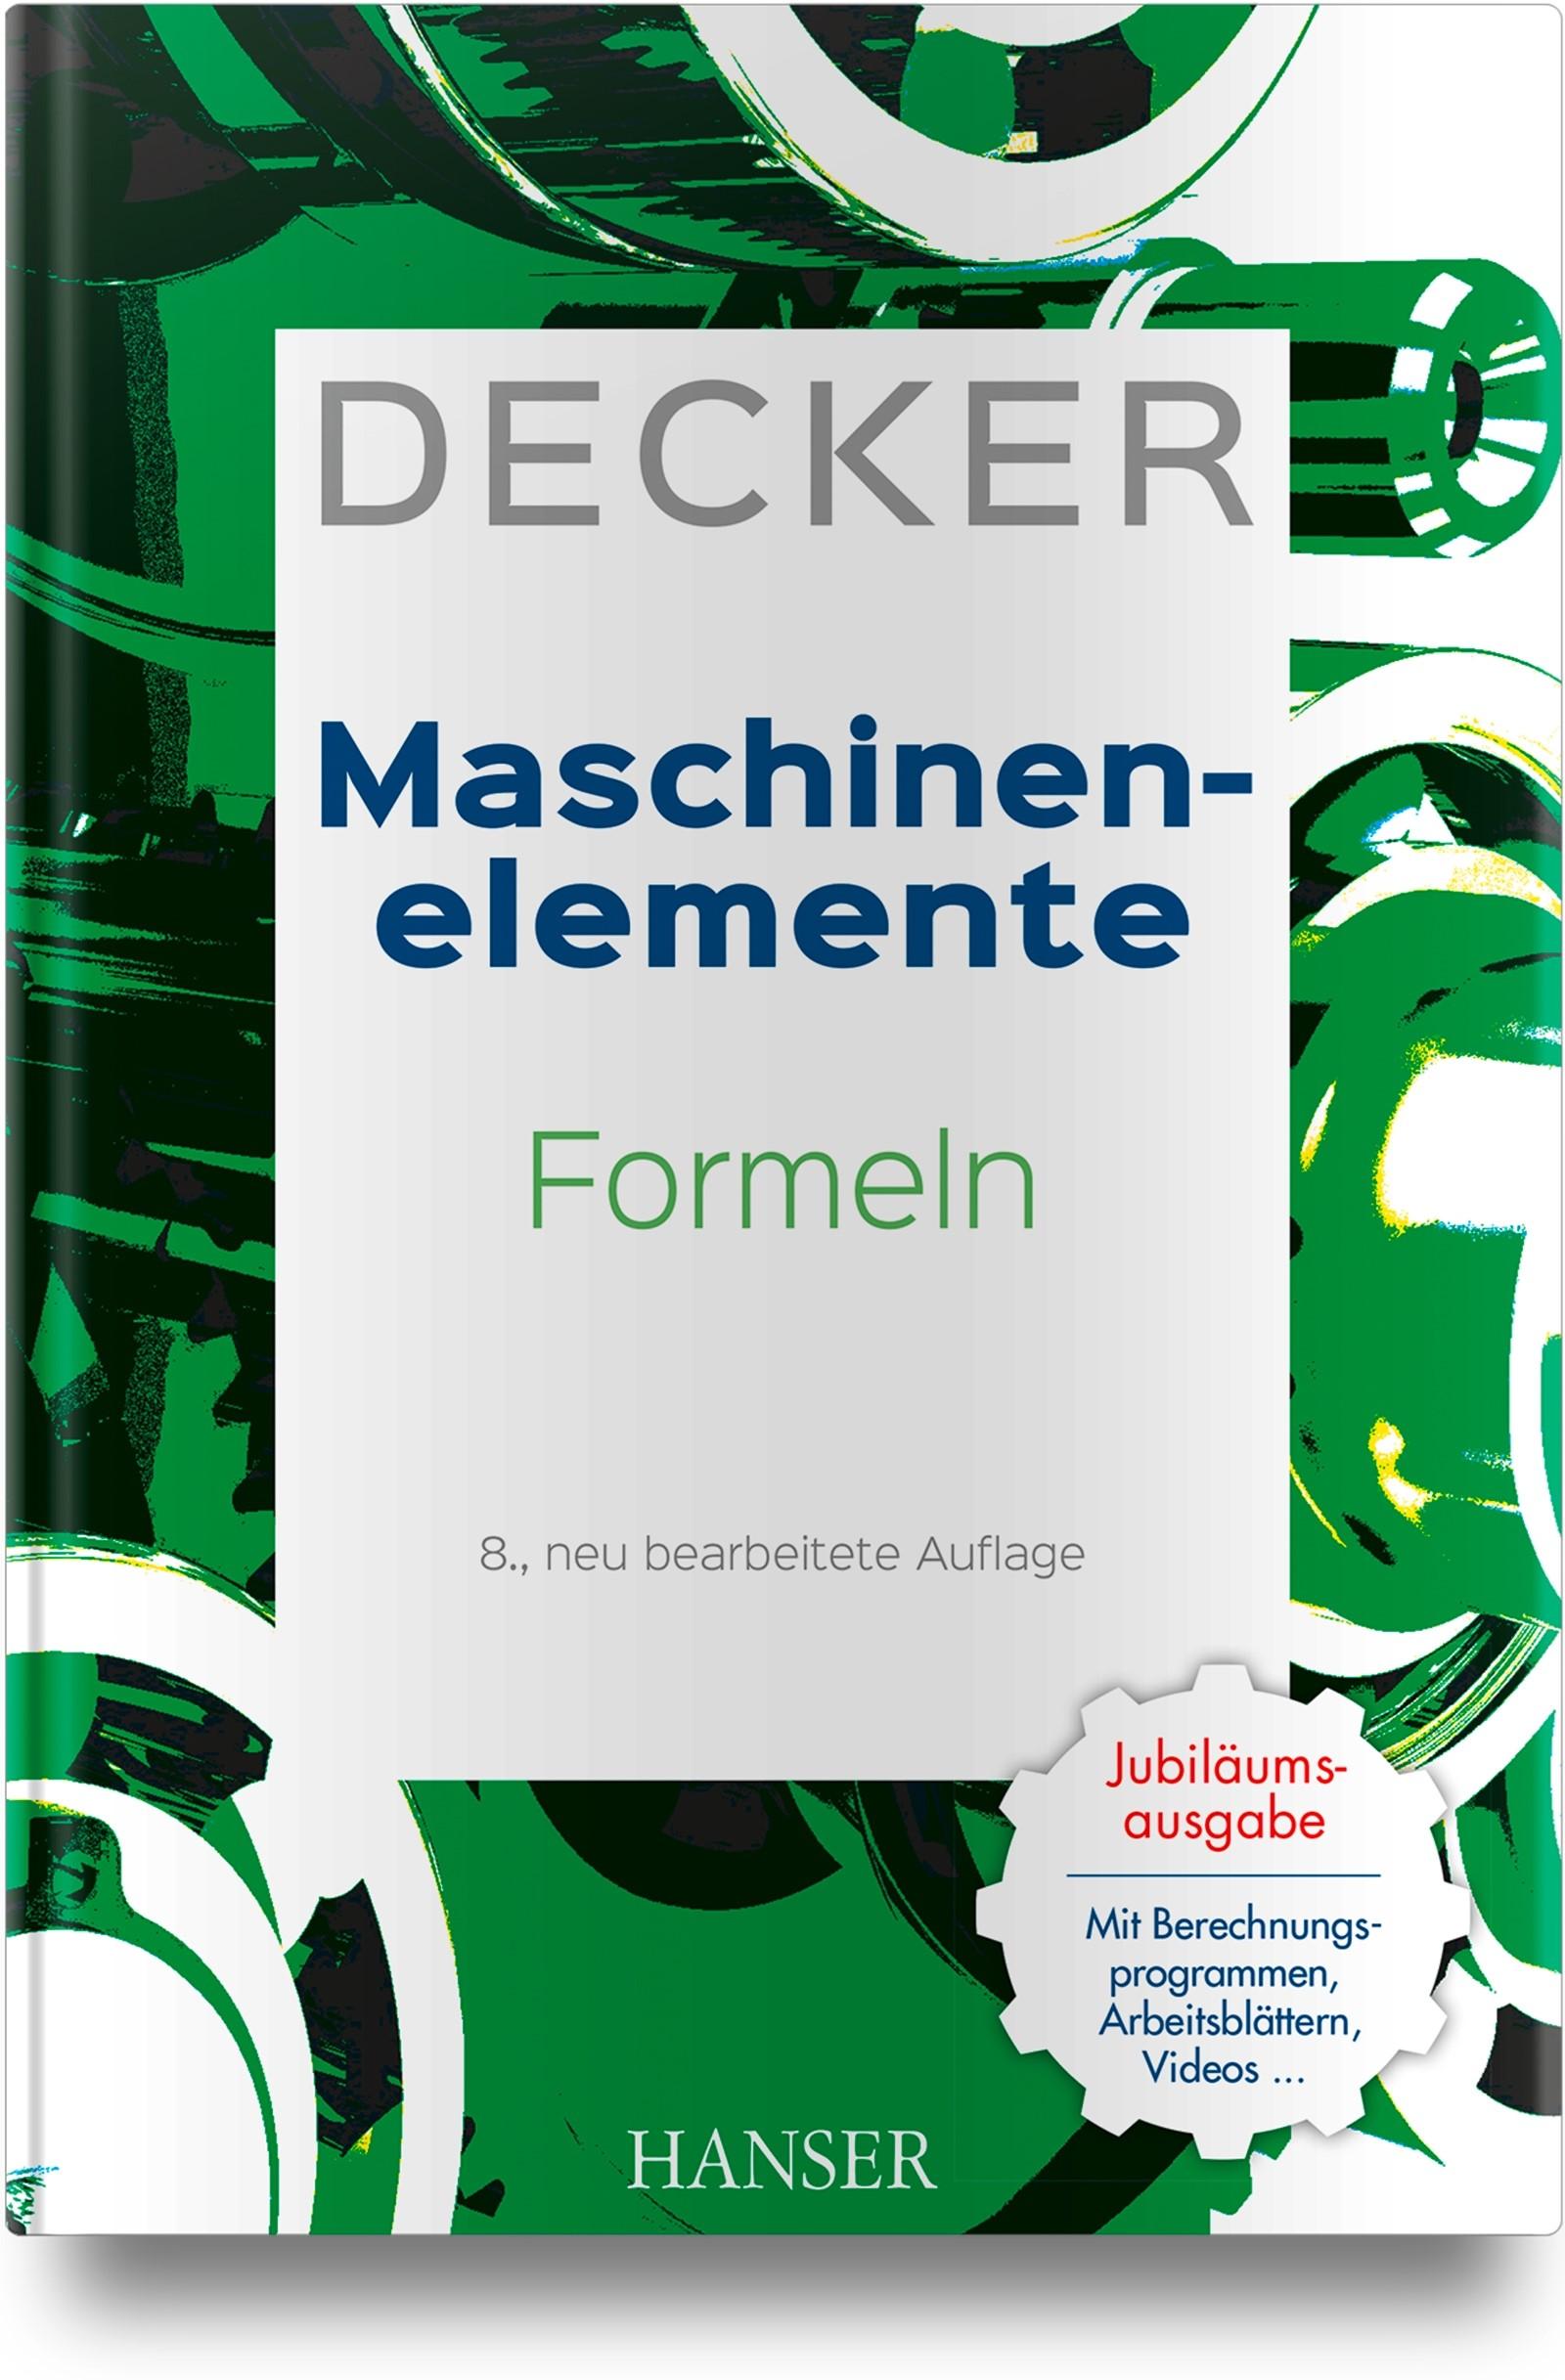 Decker Maschinenelemente - Formeln | Kabus | 8., neu bearbeitete Auflage, 2018 | Buch (Cover)